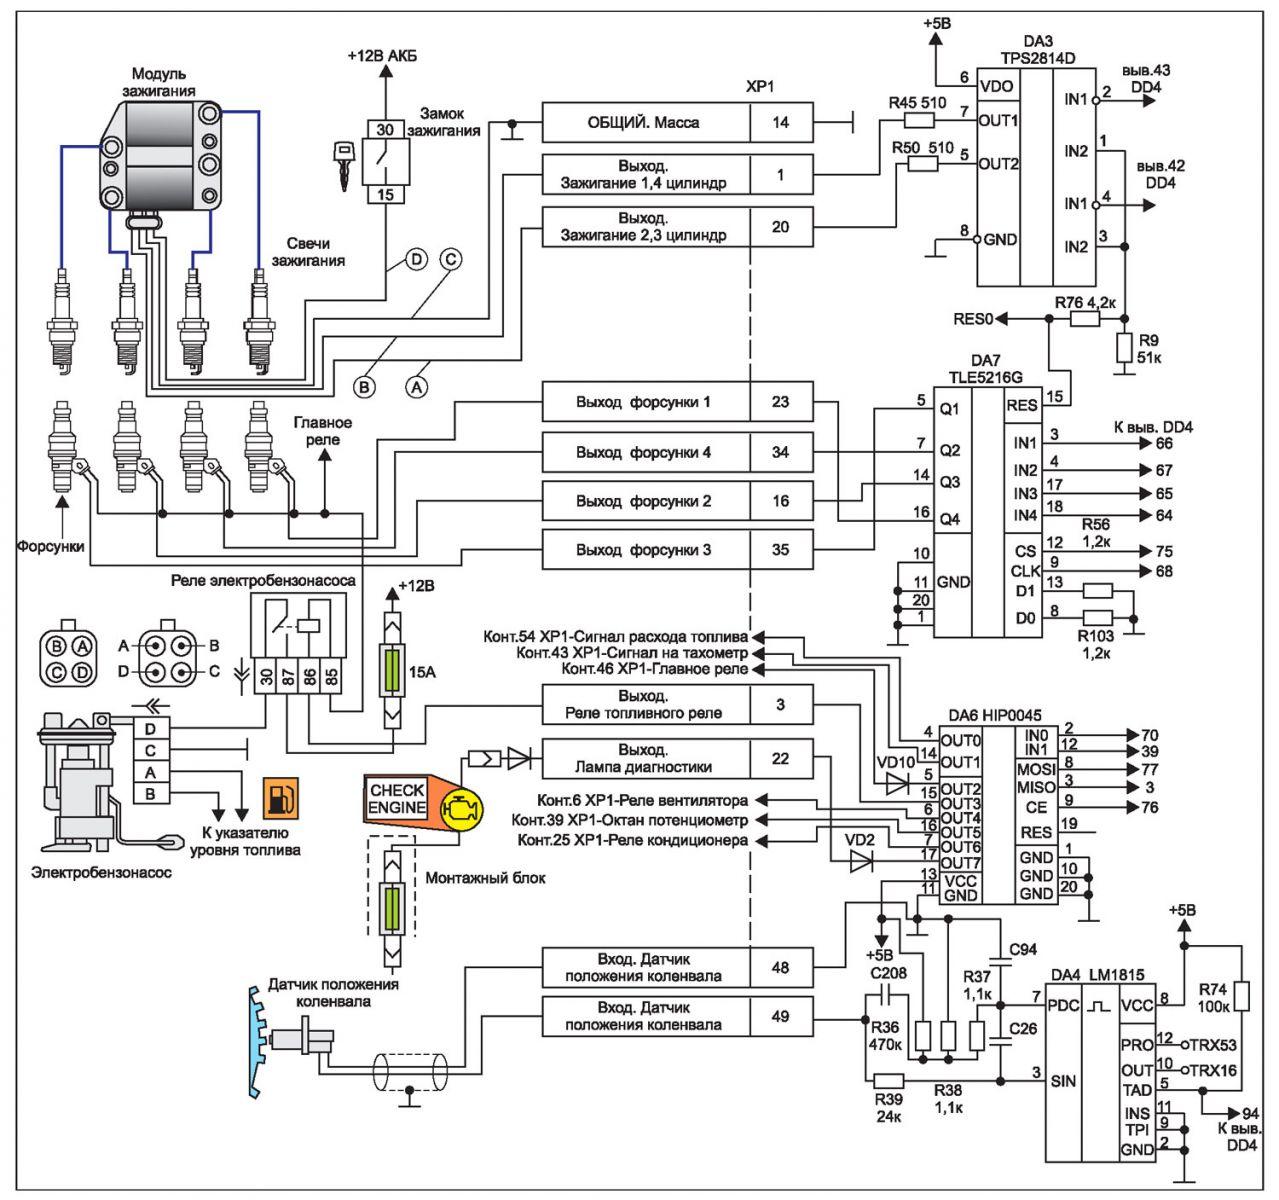 Фото №16 - схема подключения катушки зажигания ВАЗ 2110 инжектор